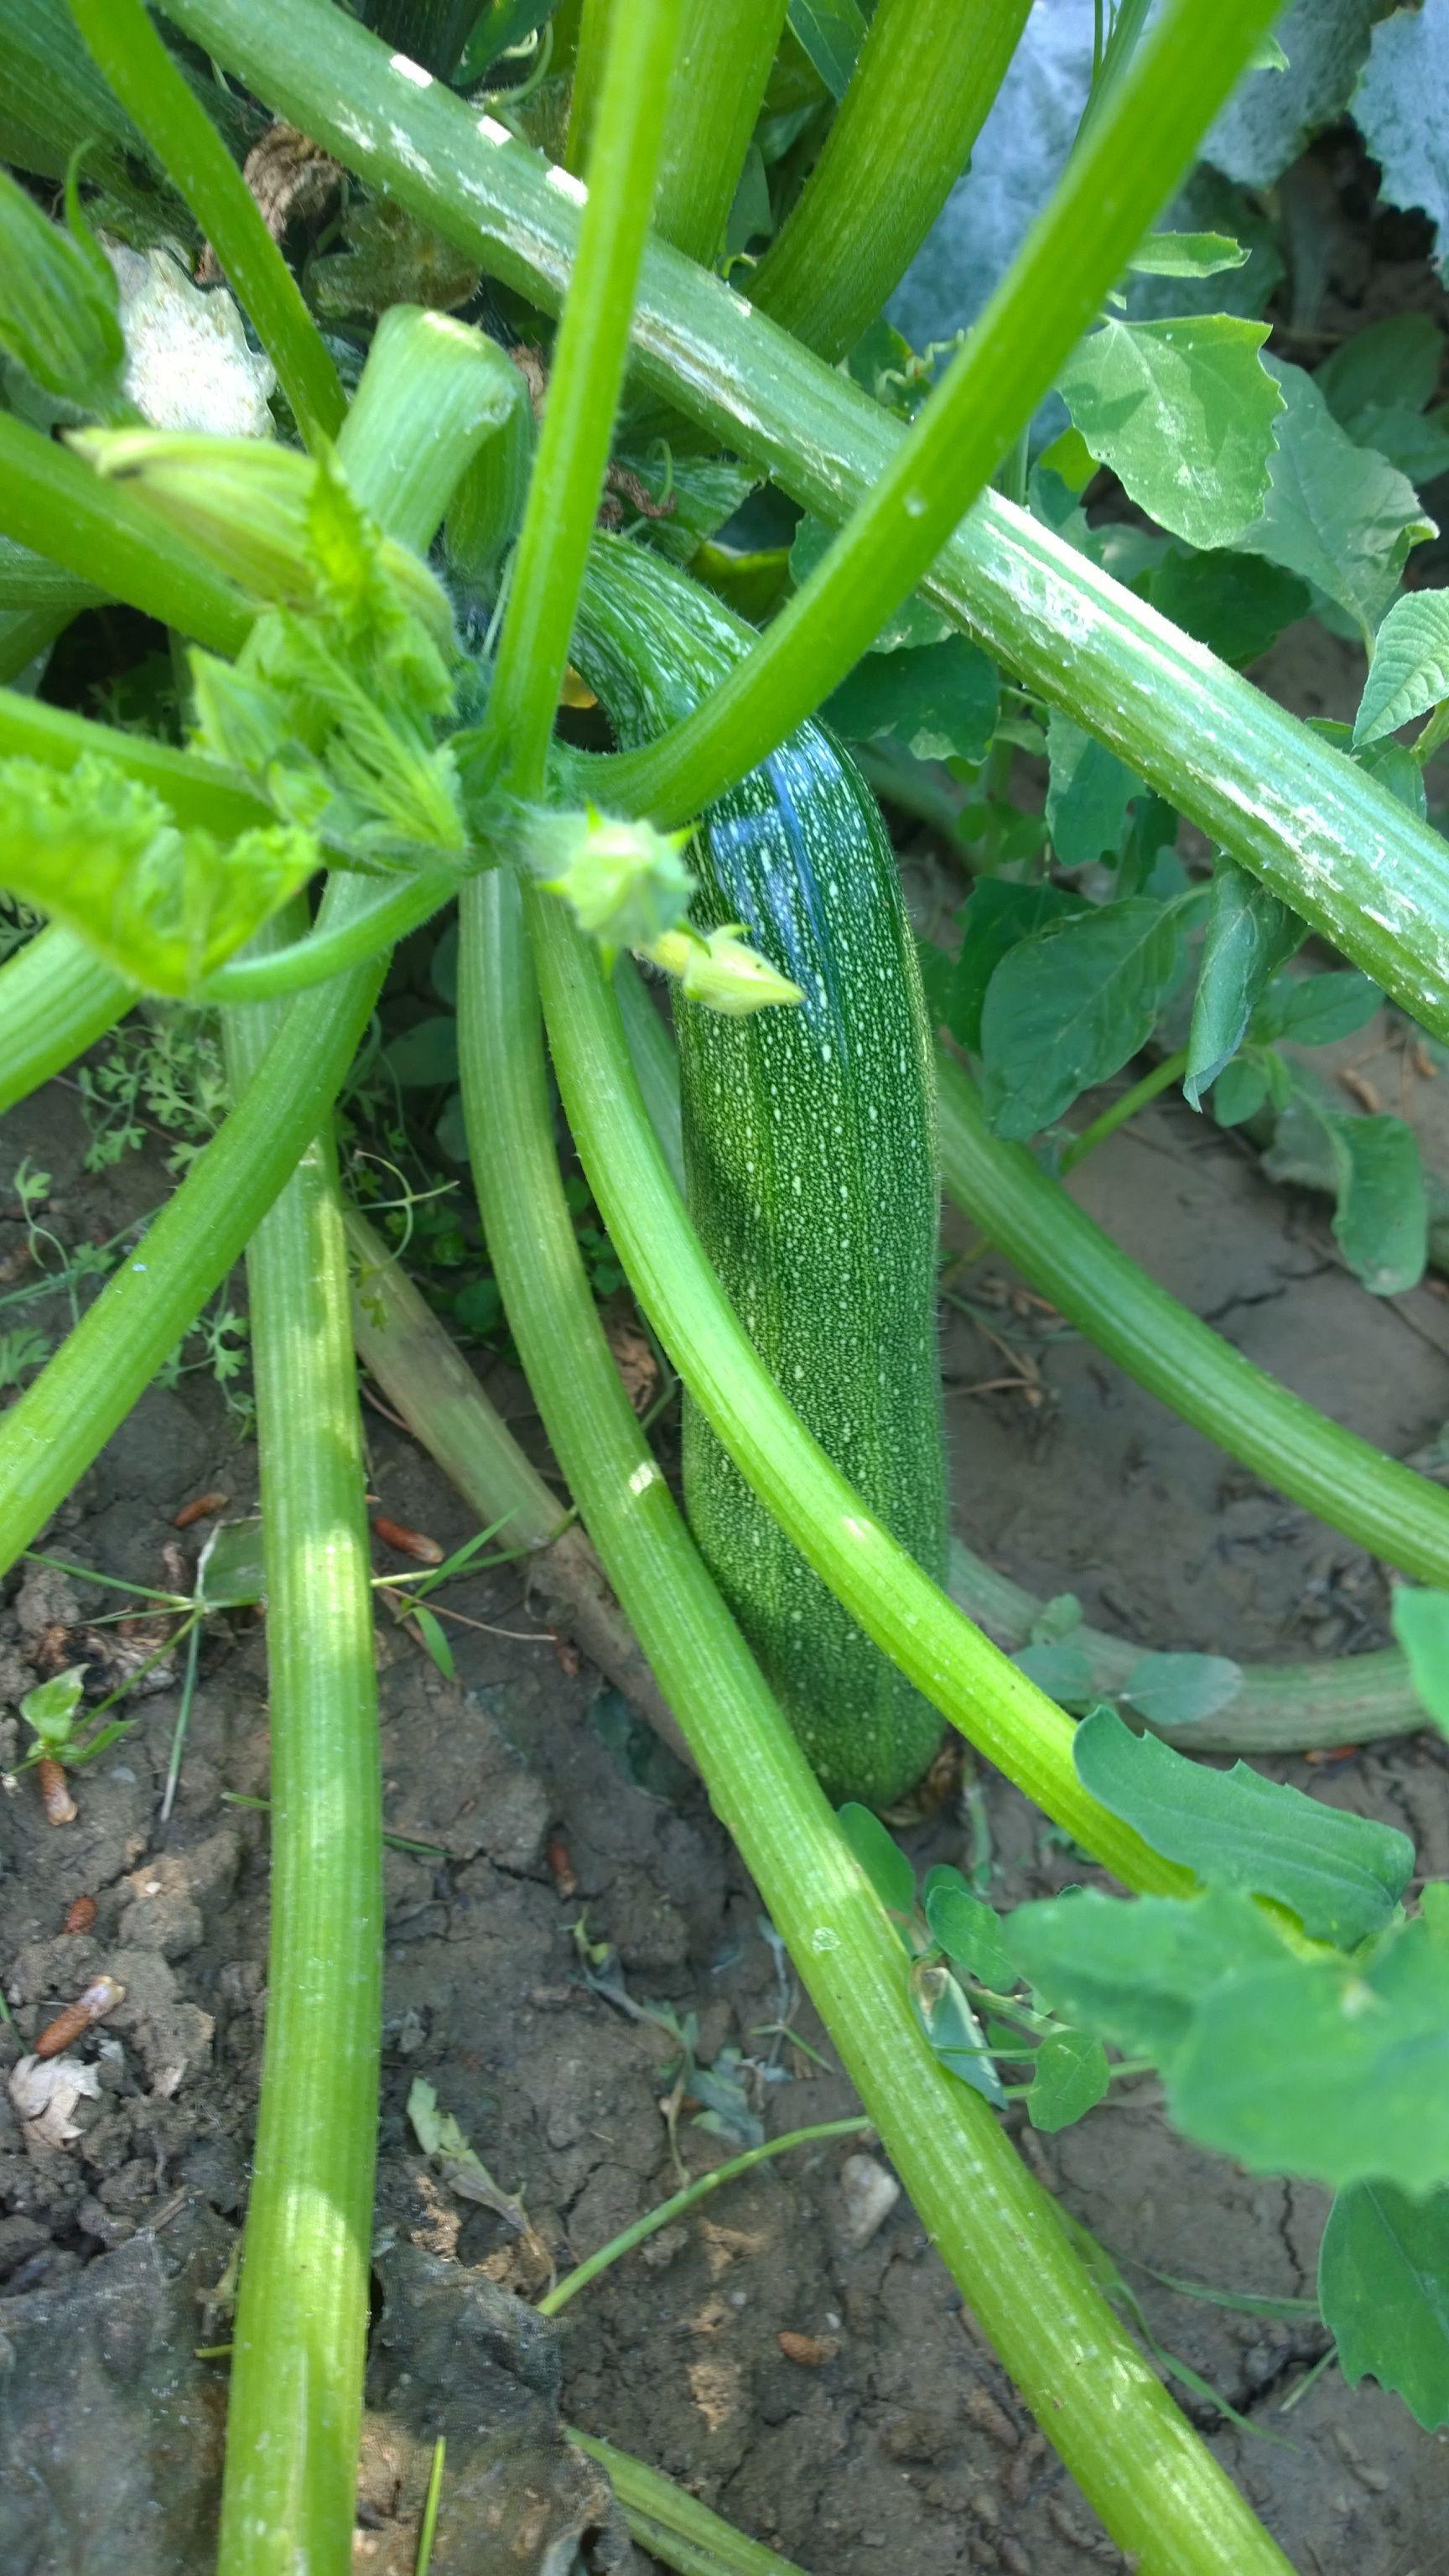 Pianta Con Zucchina L Pomodoro Piante E Zucchine